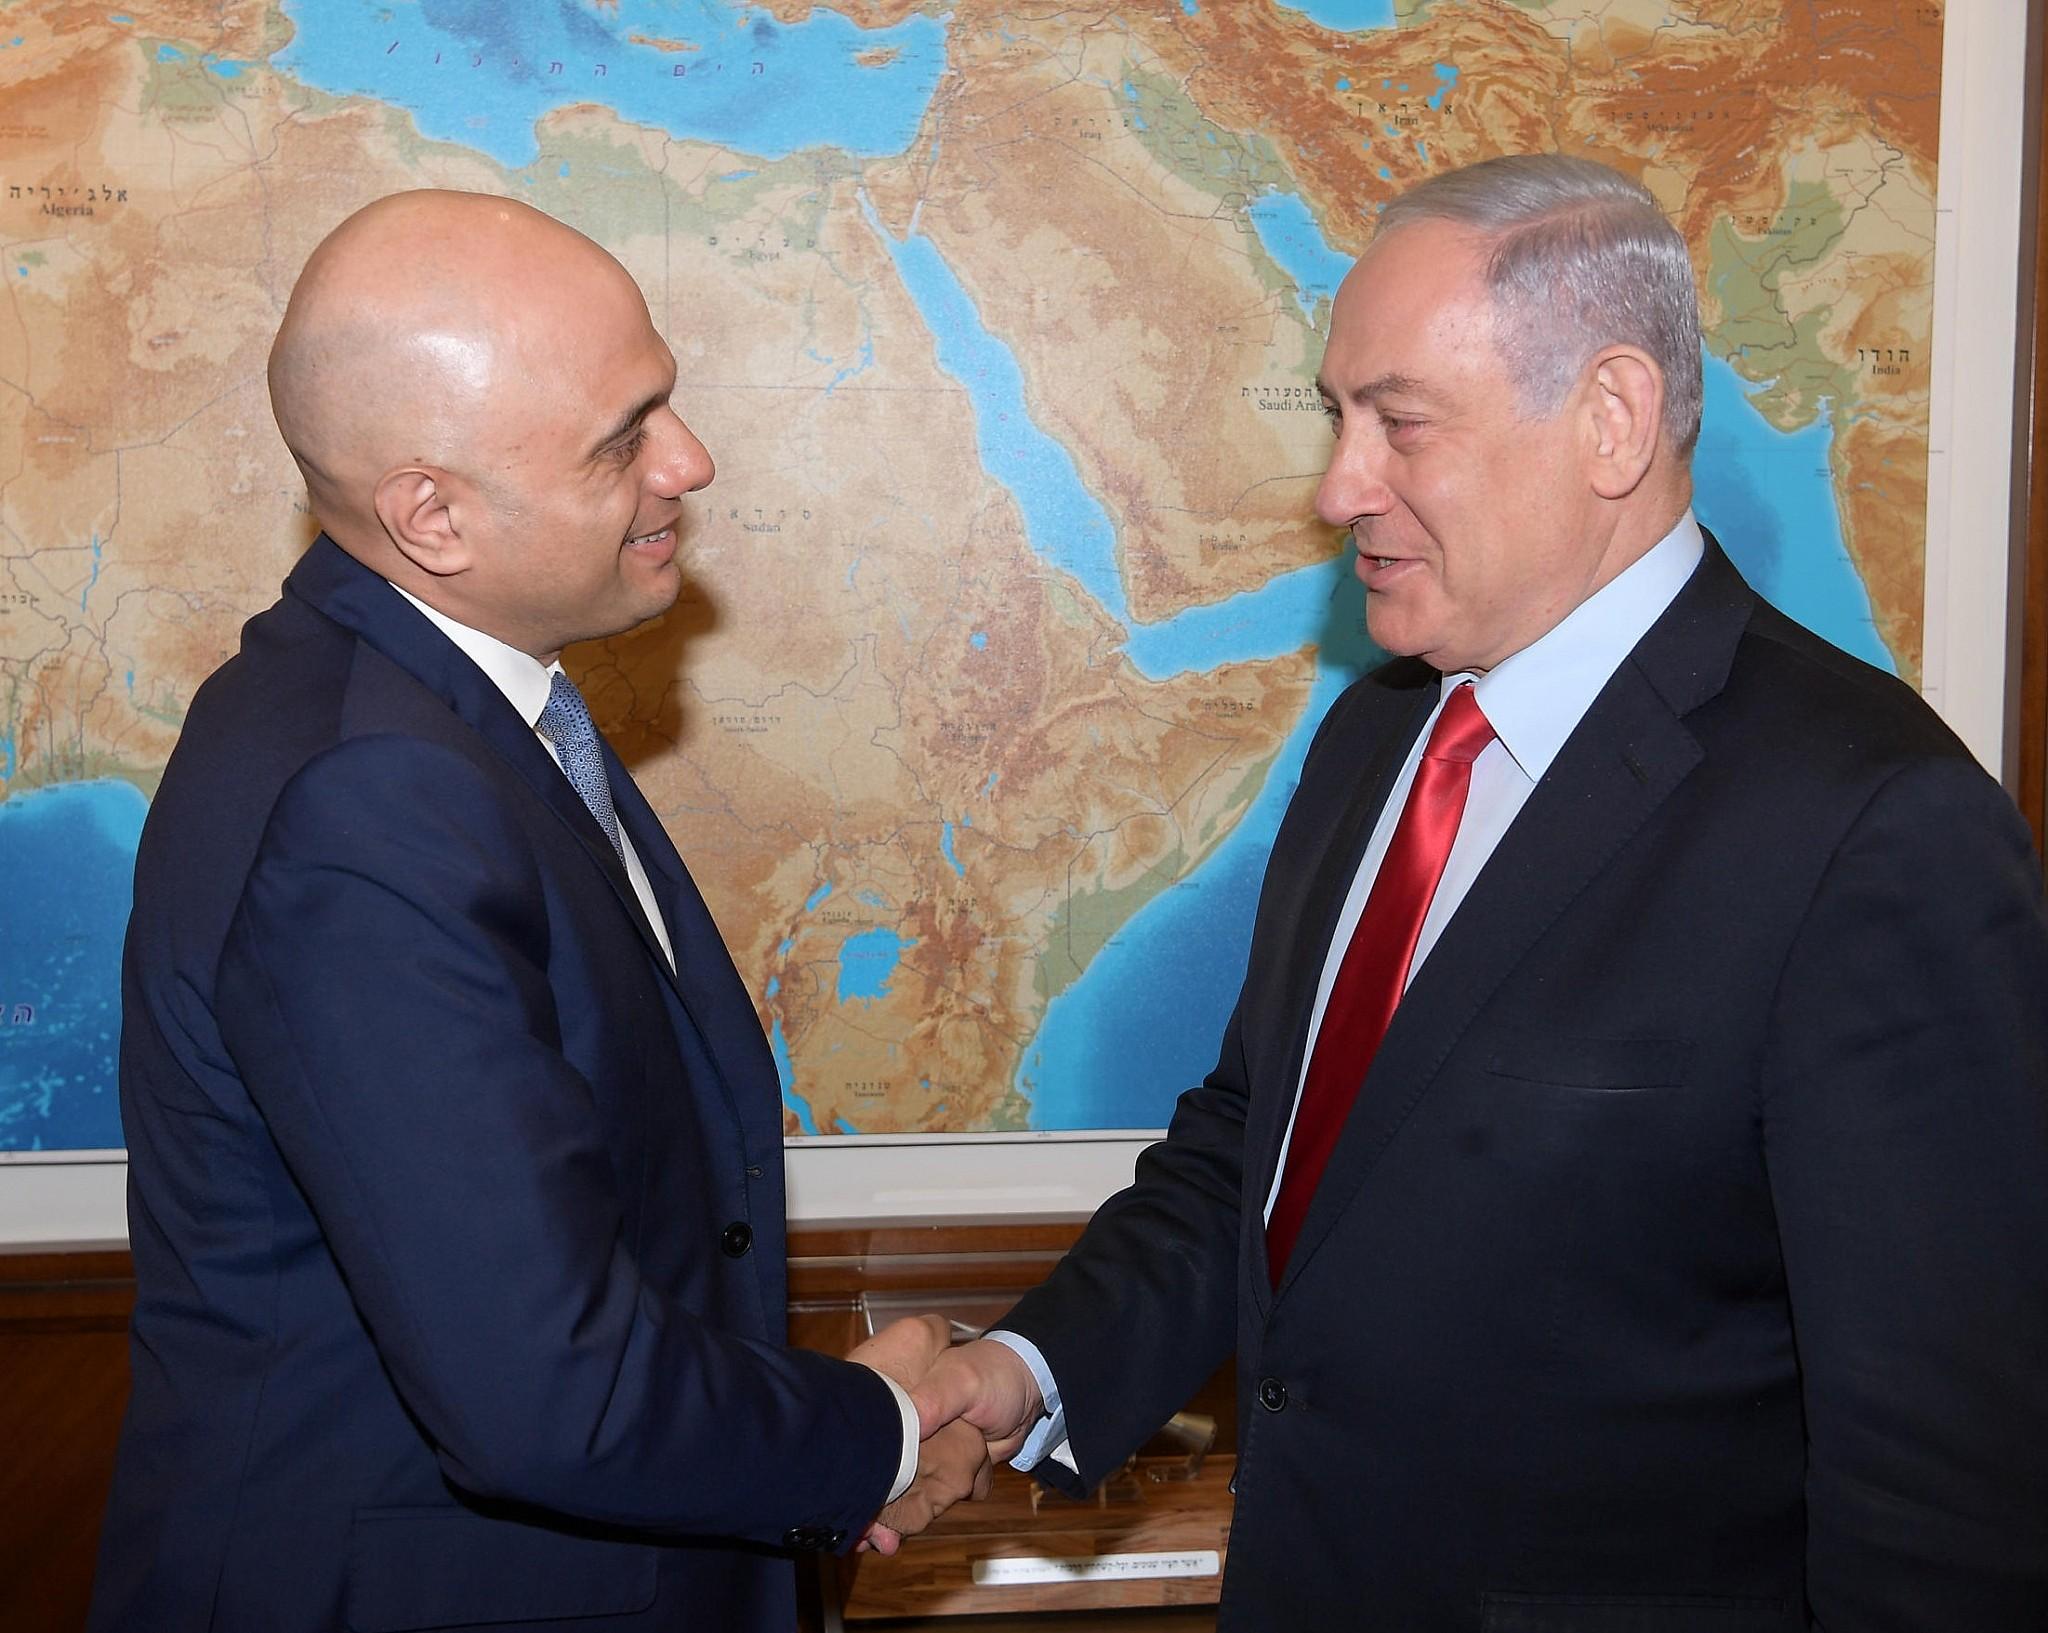 PM-Netanyahu-UK-Home-Secretary-Sajid-Jav